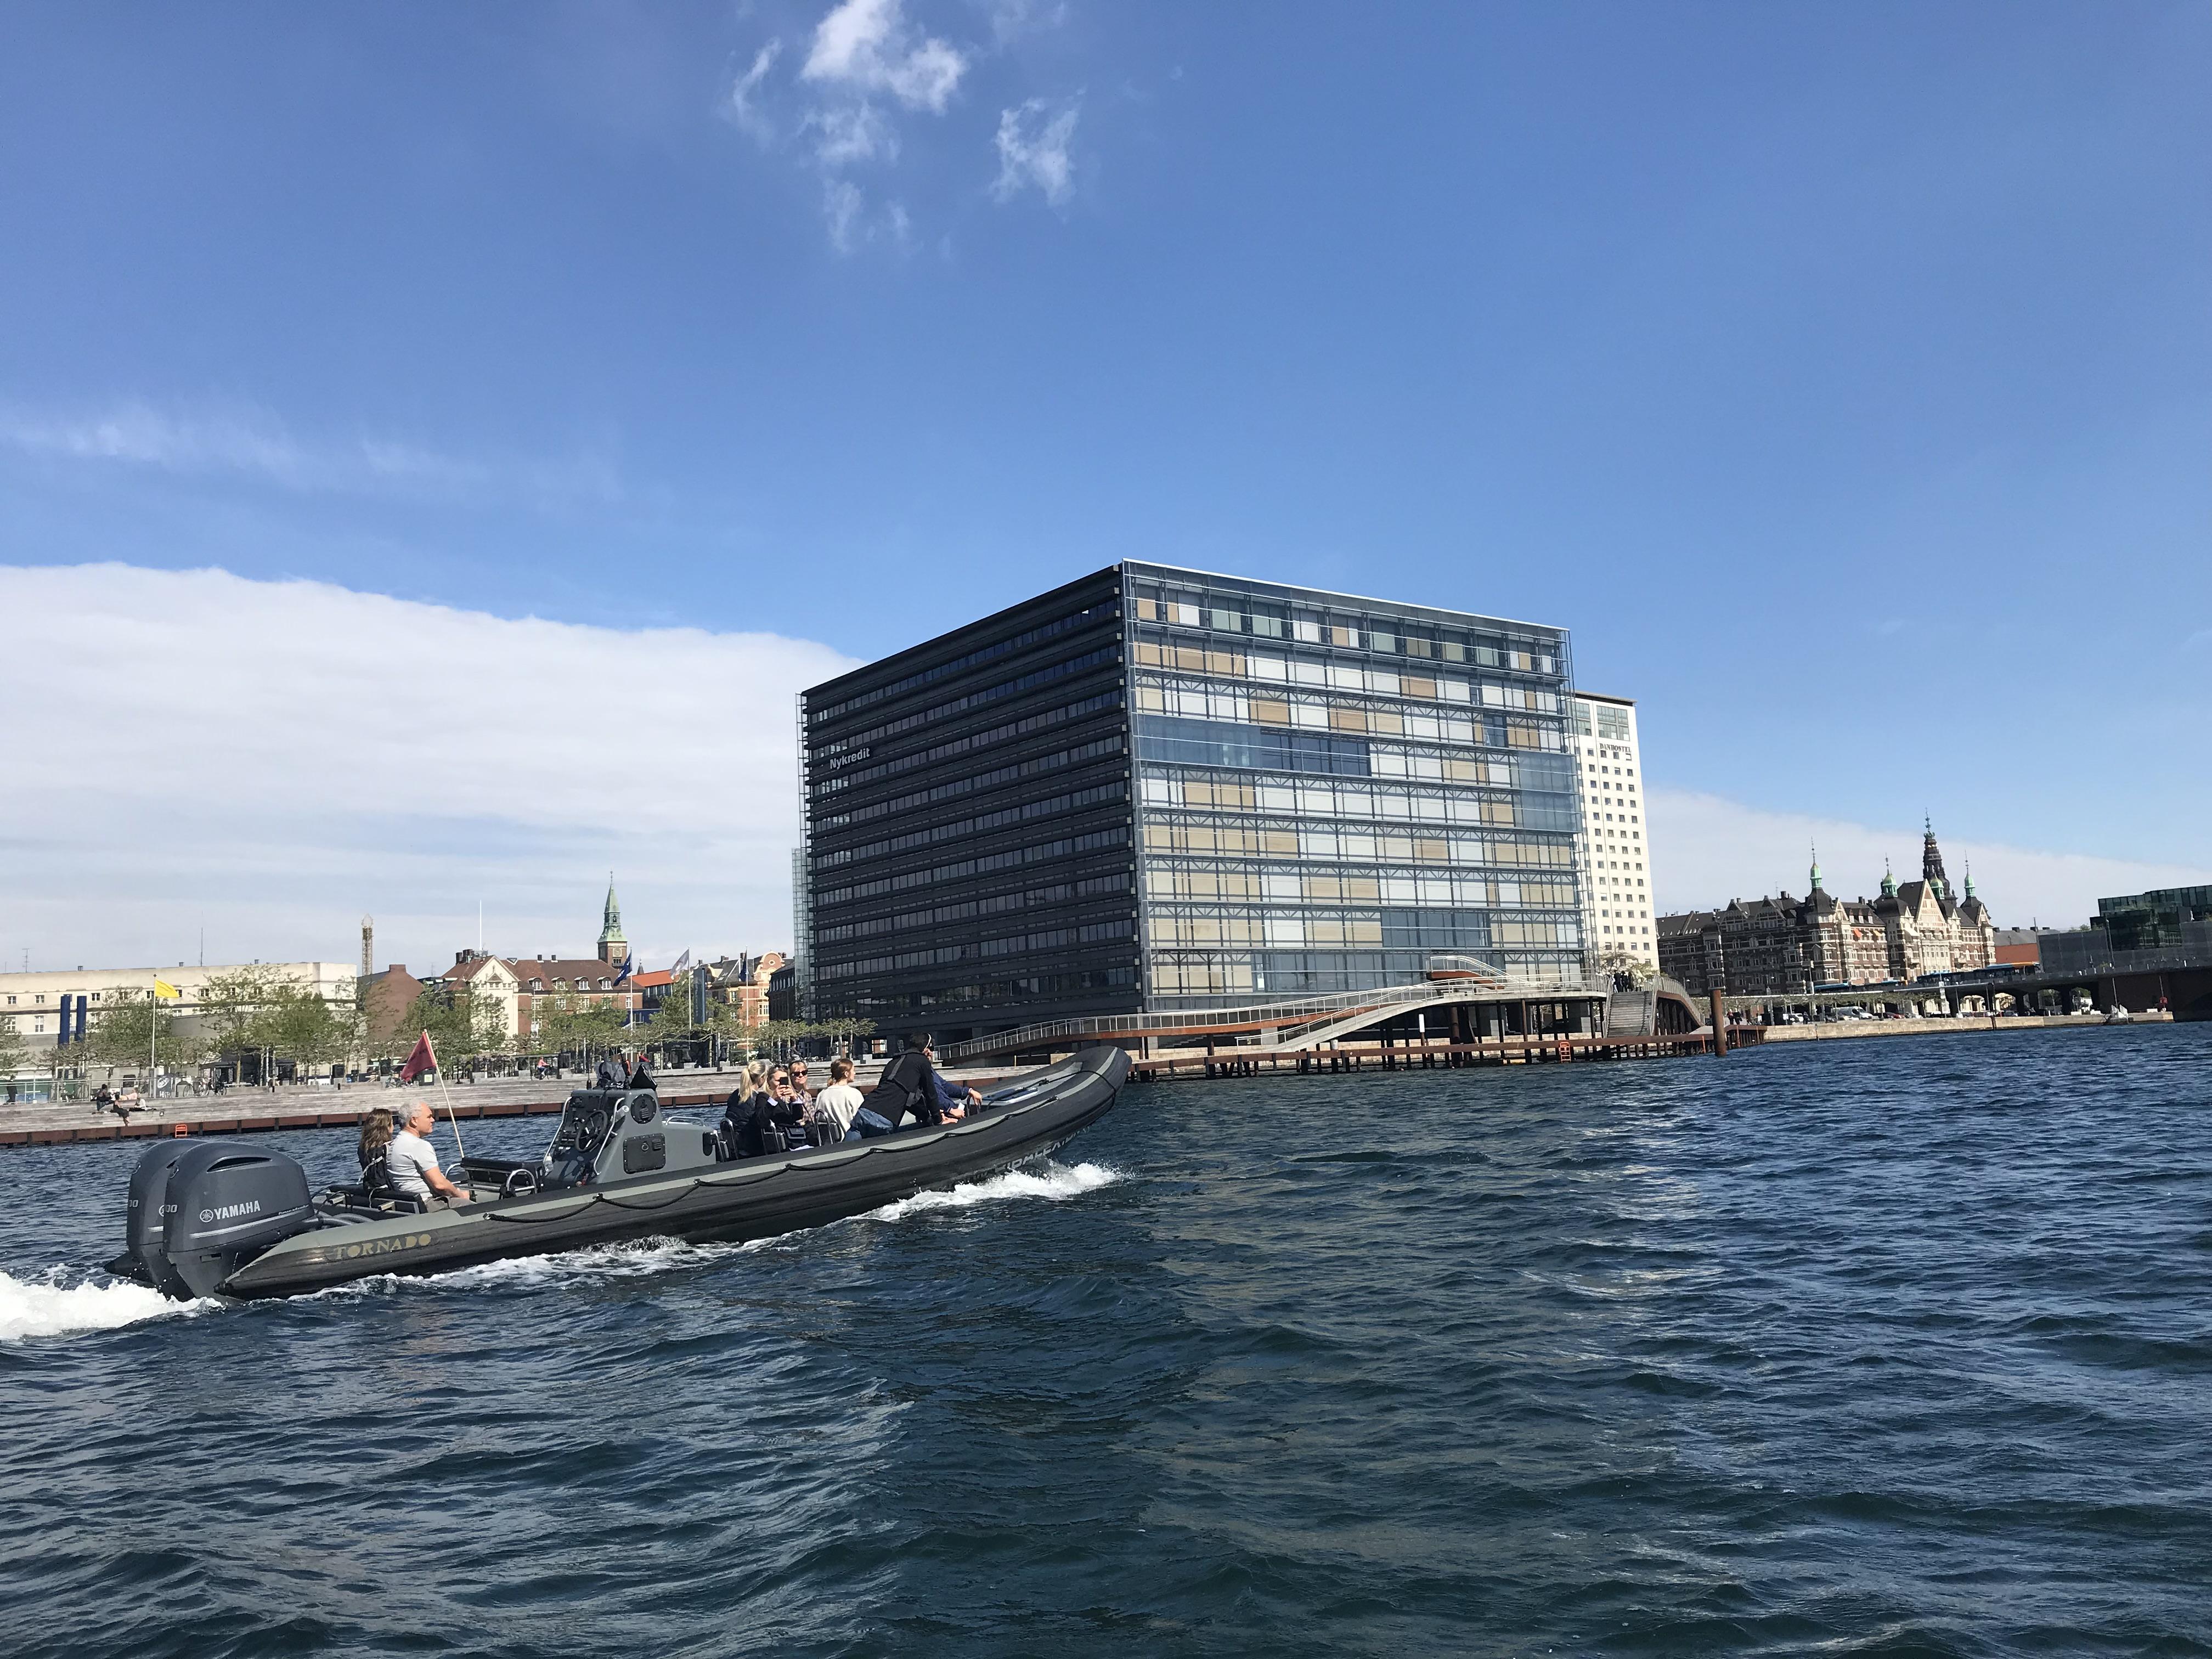 københavn havn speedbåd 3 days of design (Foto: MY DAILY SPACE)